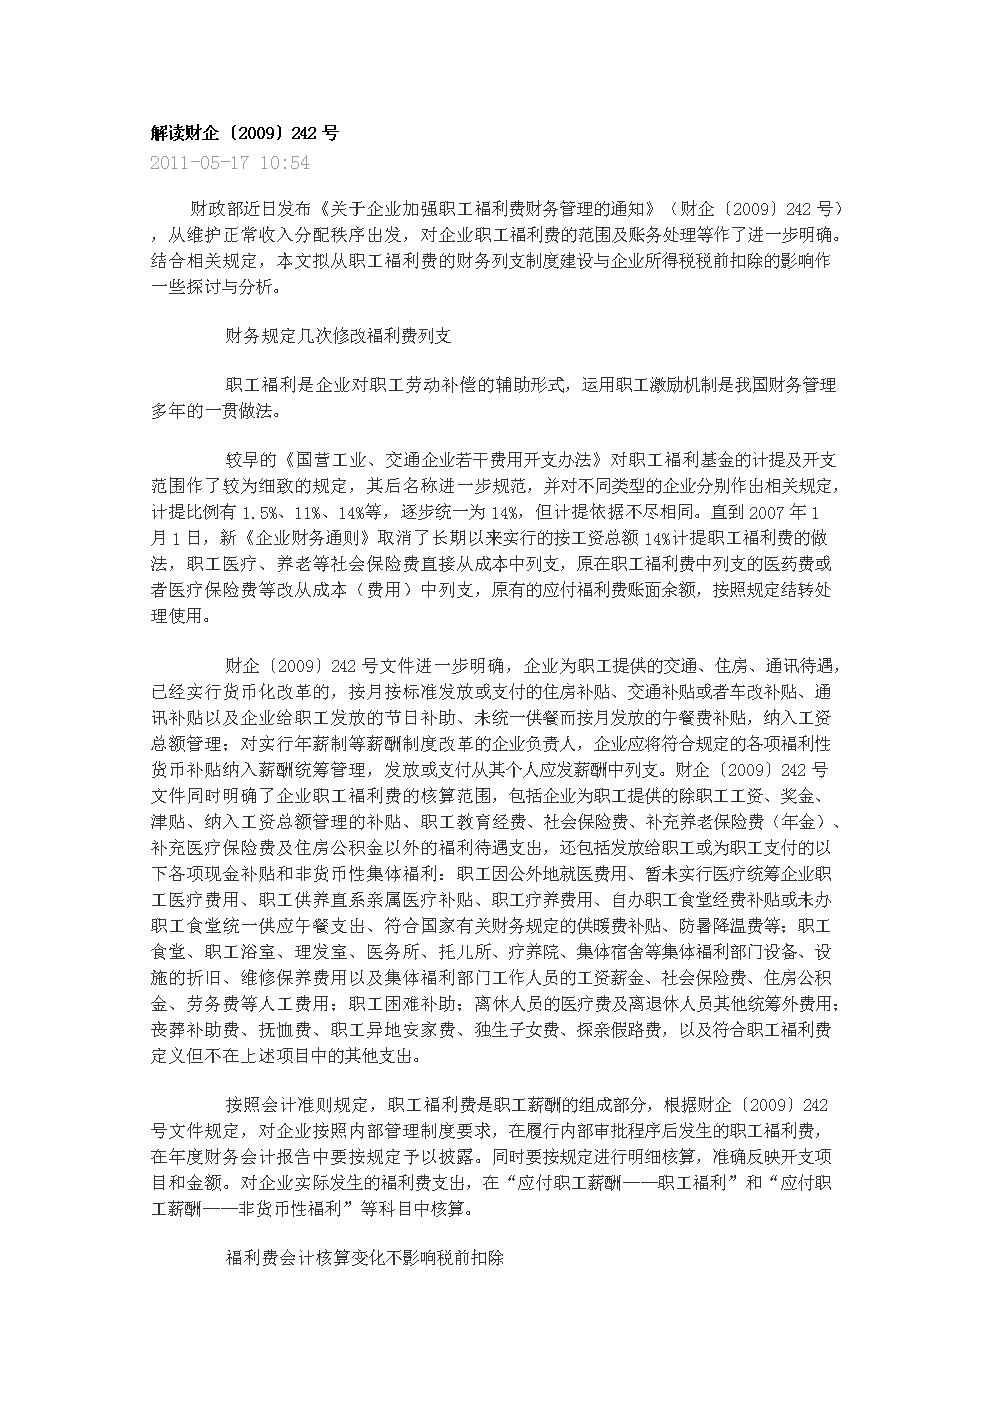 【实用资料】解读财企【2009】242号文件.doc